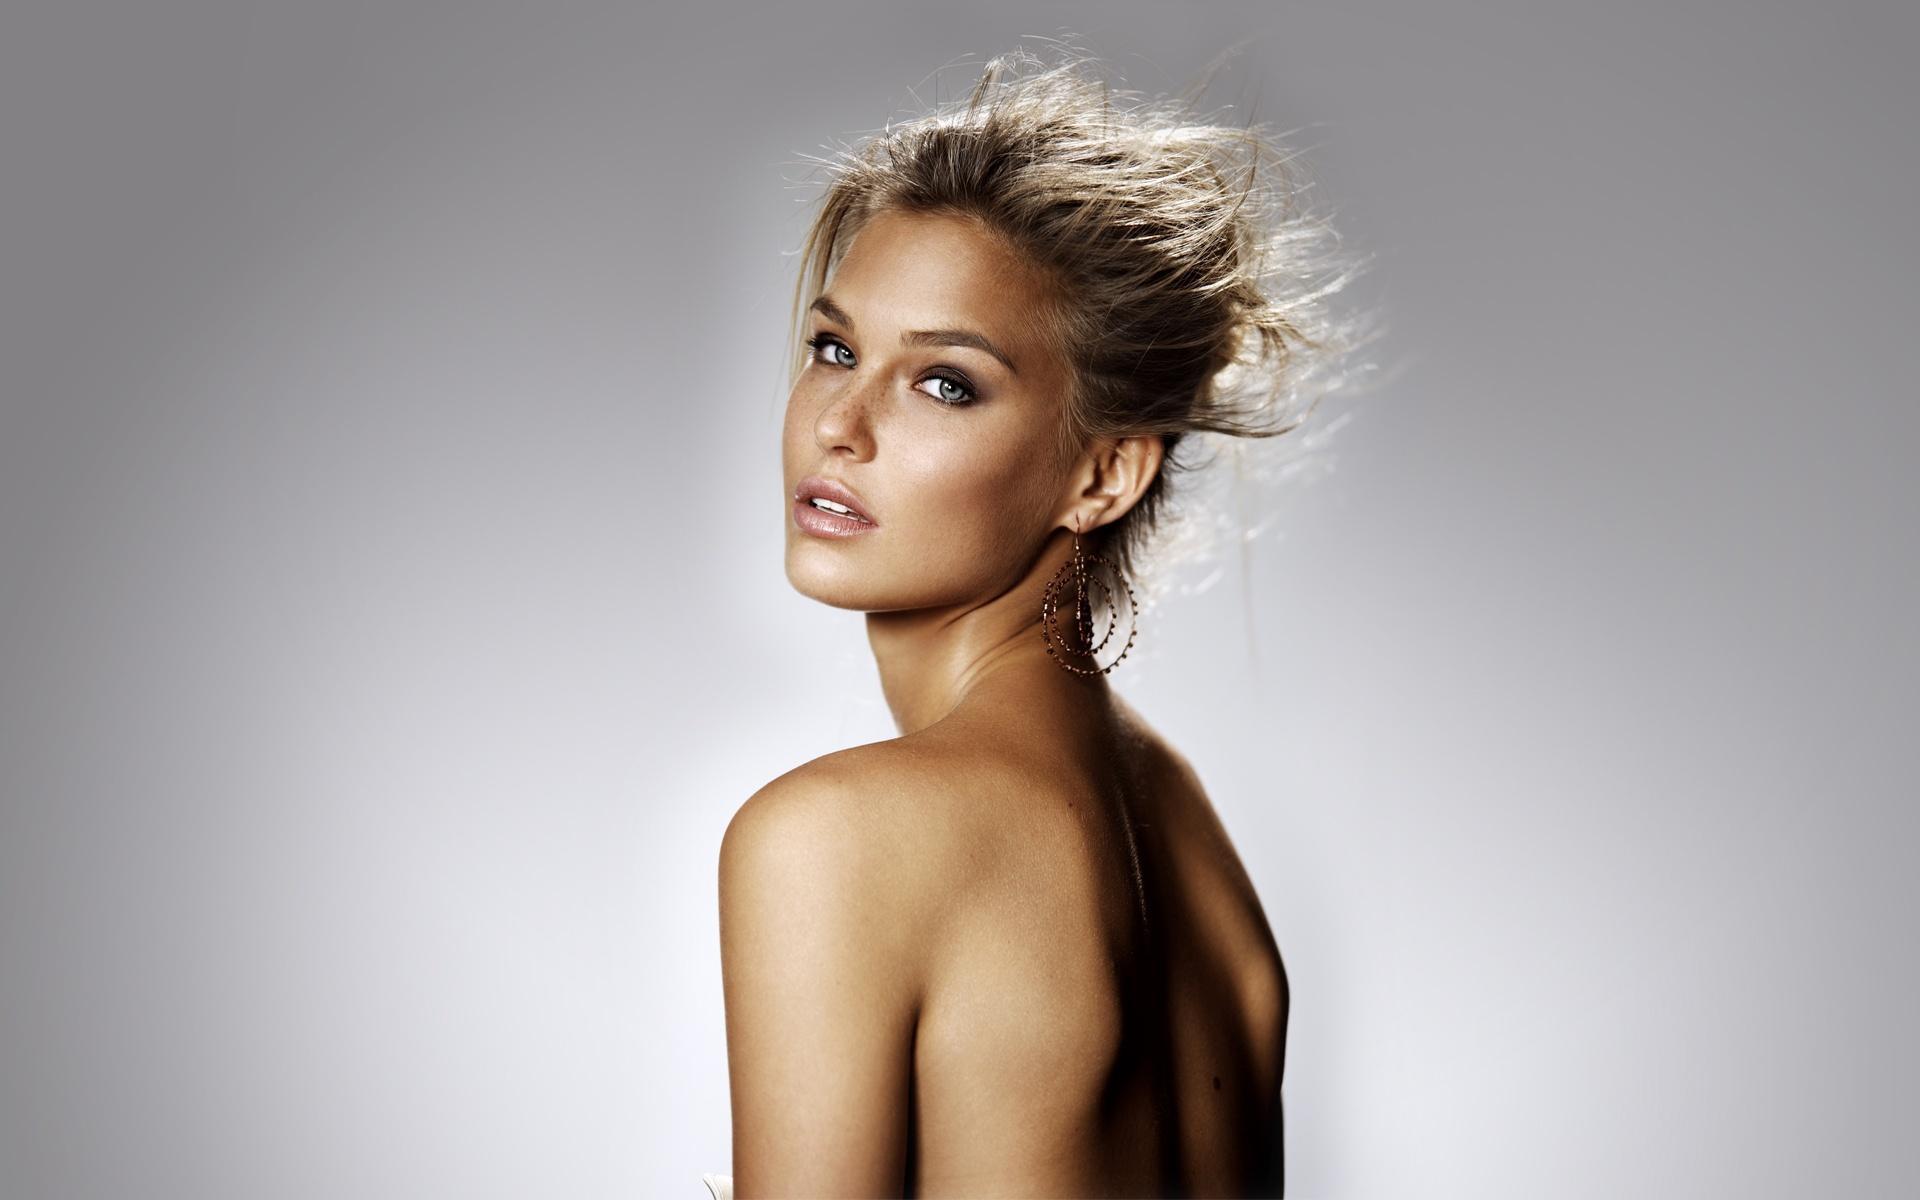 Фото оголенных модели, Голые модели - ню фото голых моделей 24 фотография